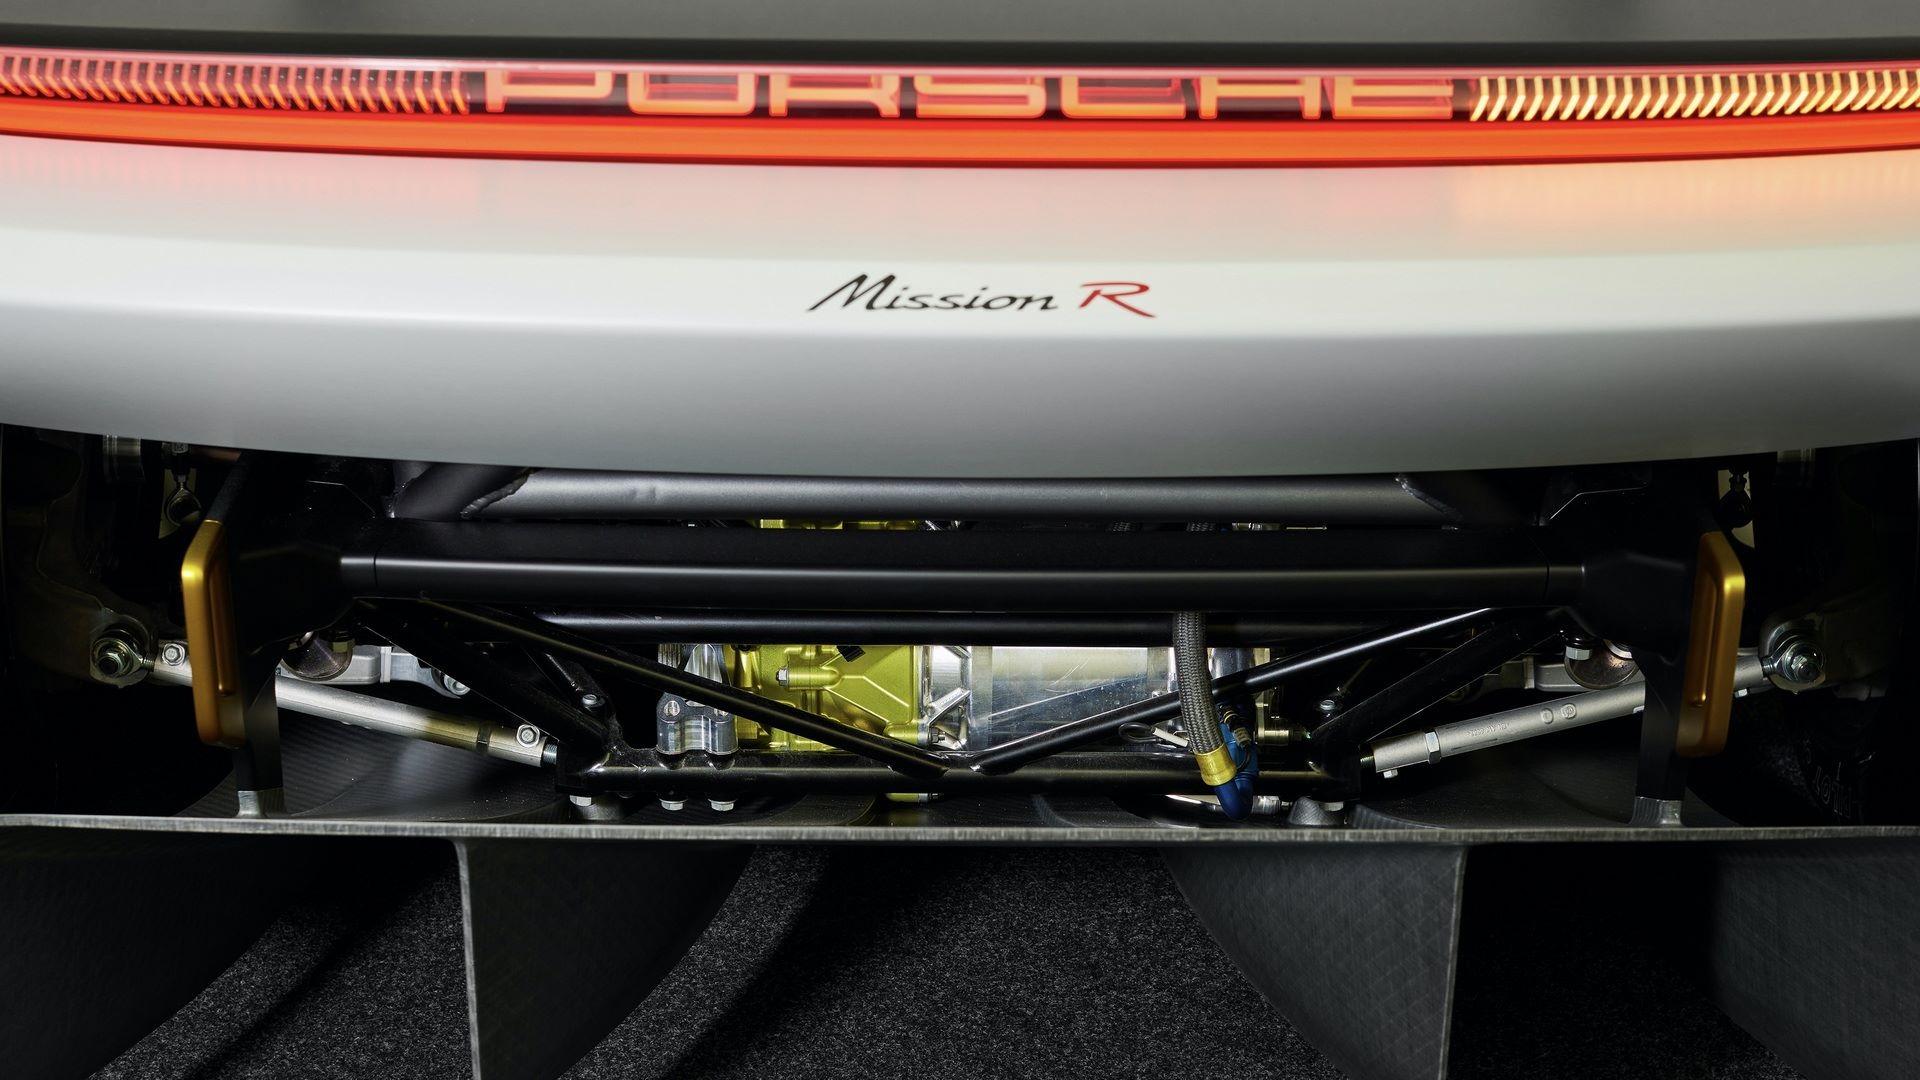 Porsche-Mission-R-concept-development-27